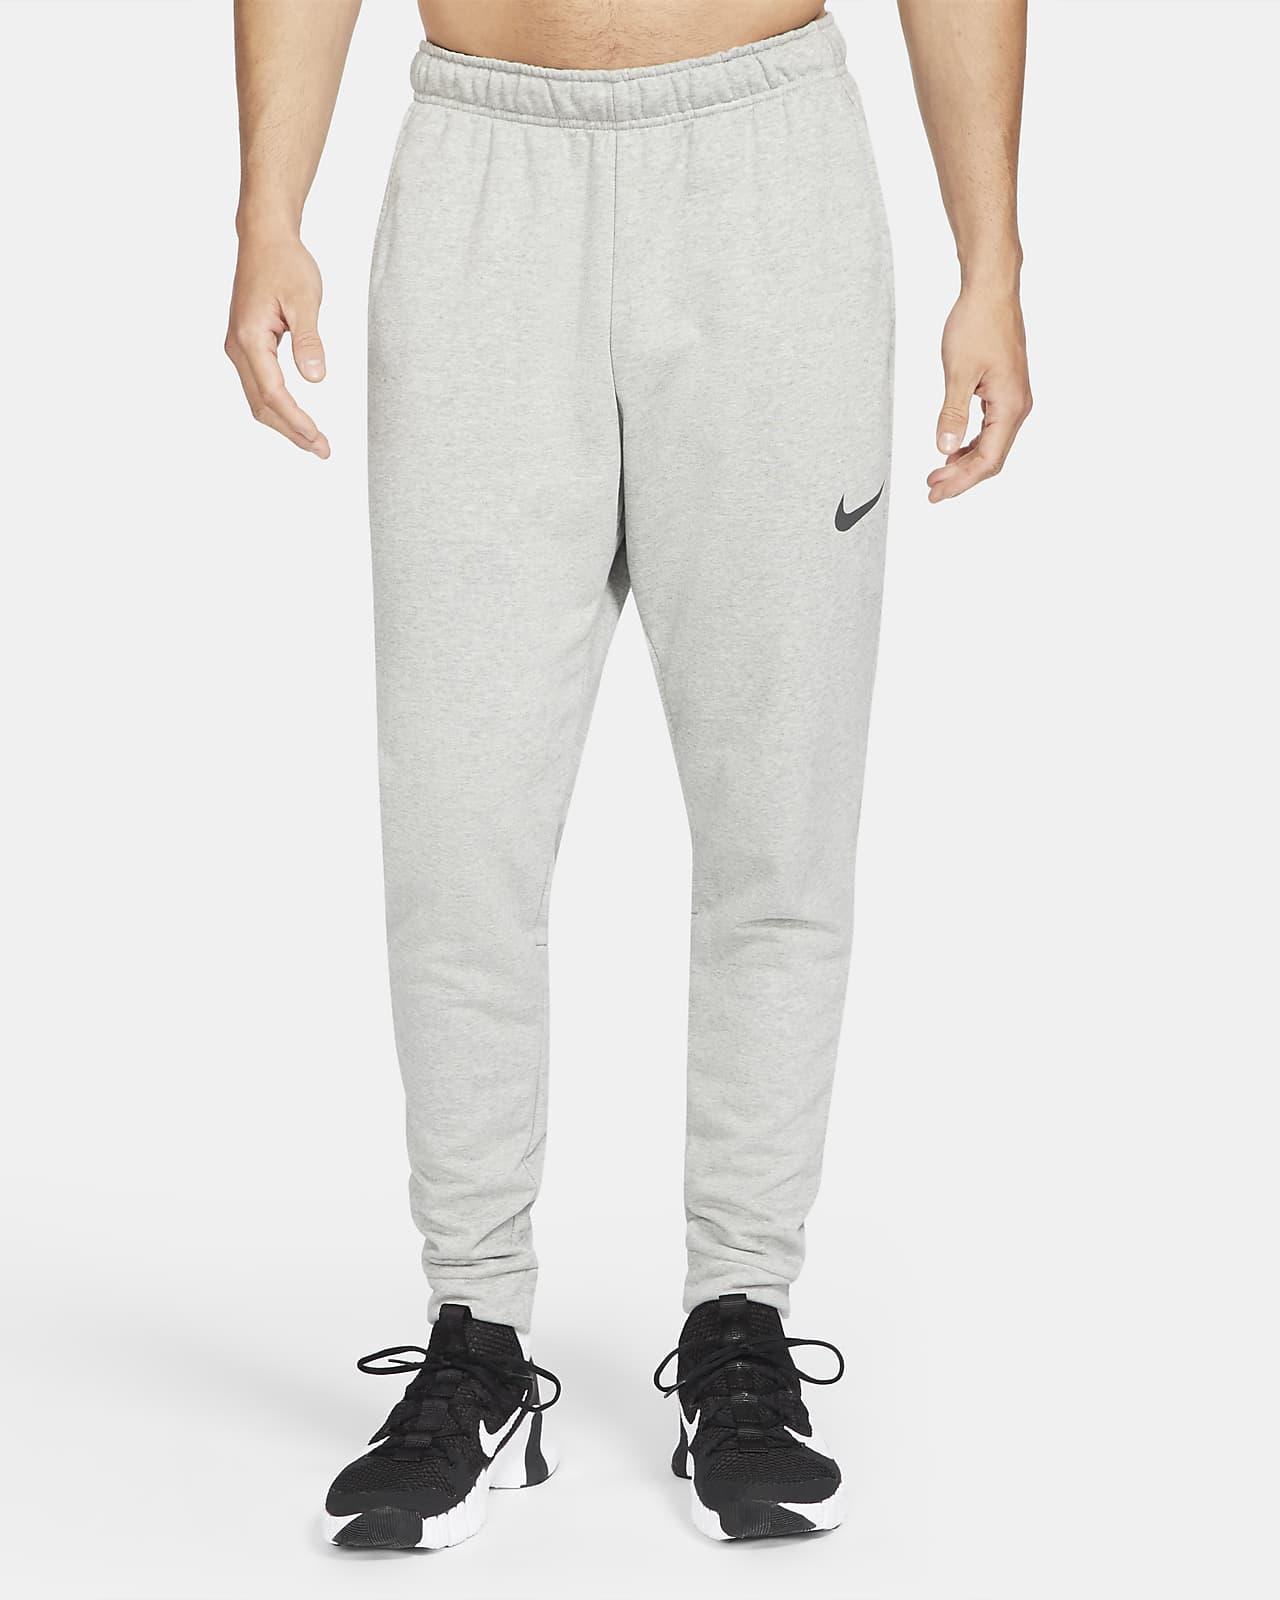 Pantalon de training fuselé Nike Dri-FIT pour Homme